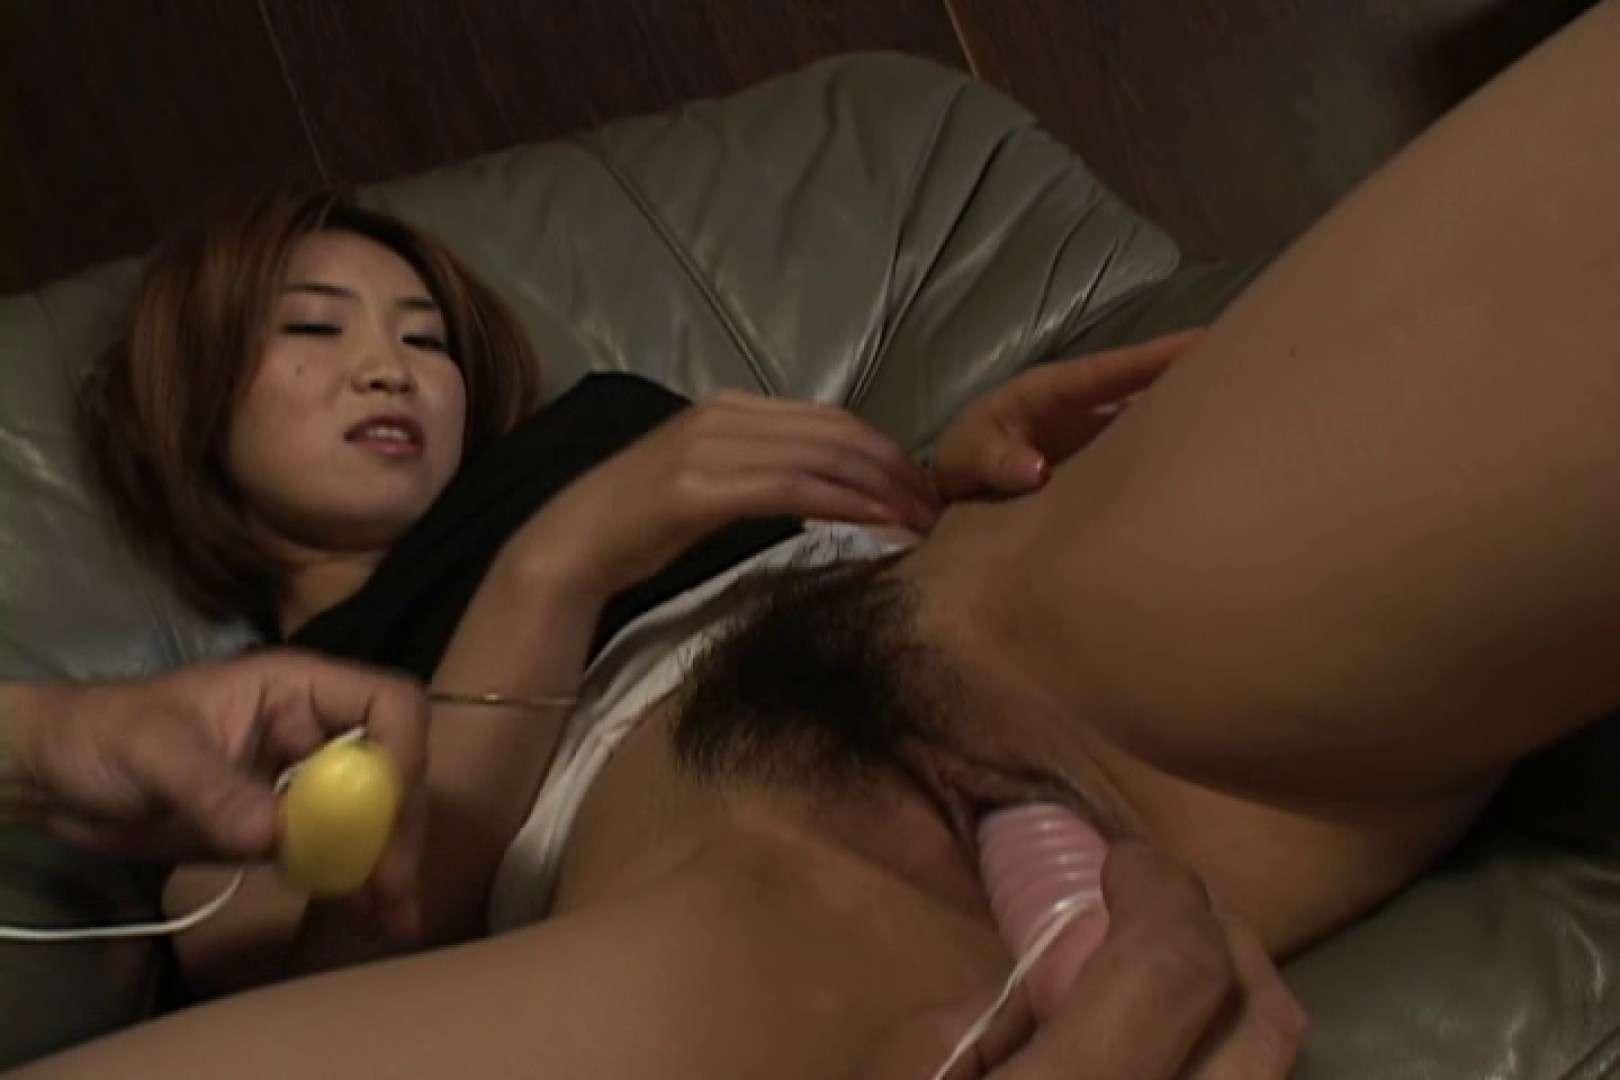 昼間の奥様は欲求不満 ~桜田&小山~ 性欲 エロ画像 32連発 31